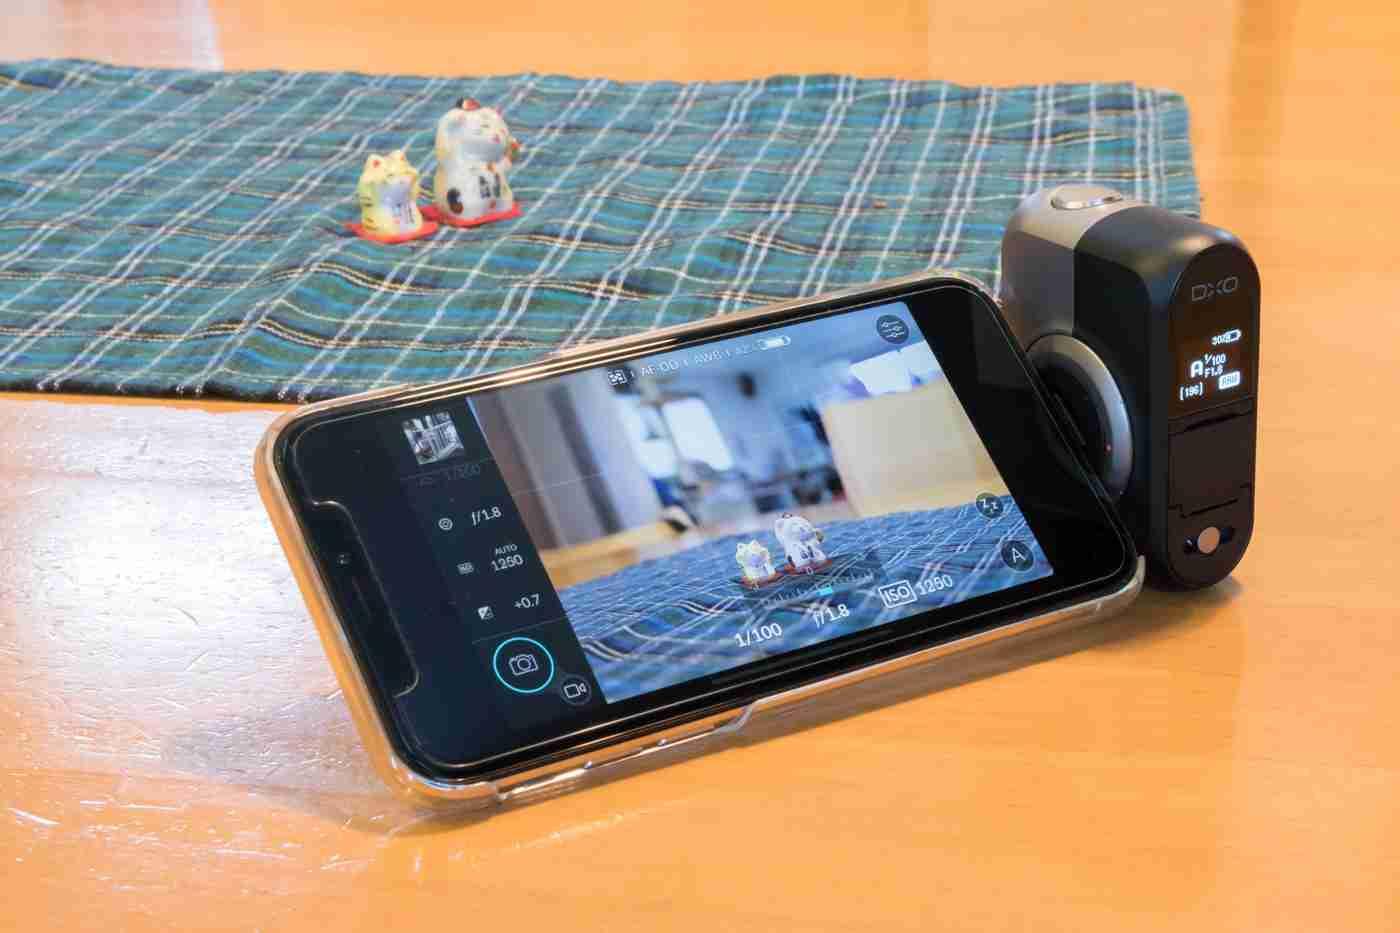 iPhoneにちょい足しで本格一眼カメラに変身『DxO One』に惚れた - Engadget 日本版